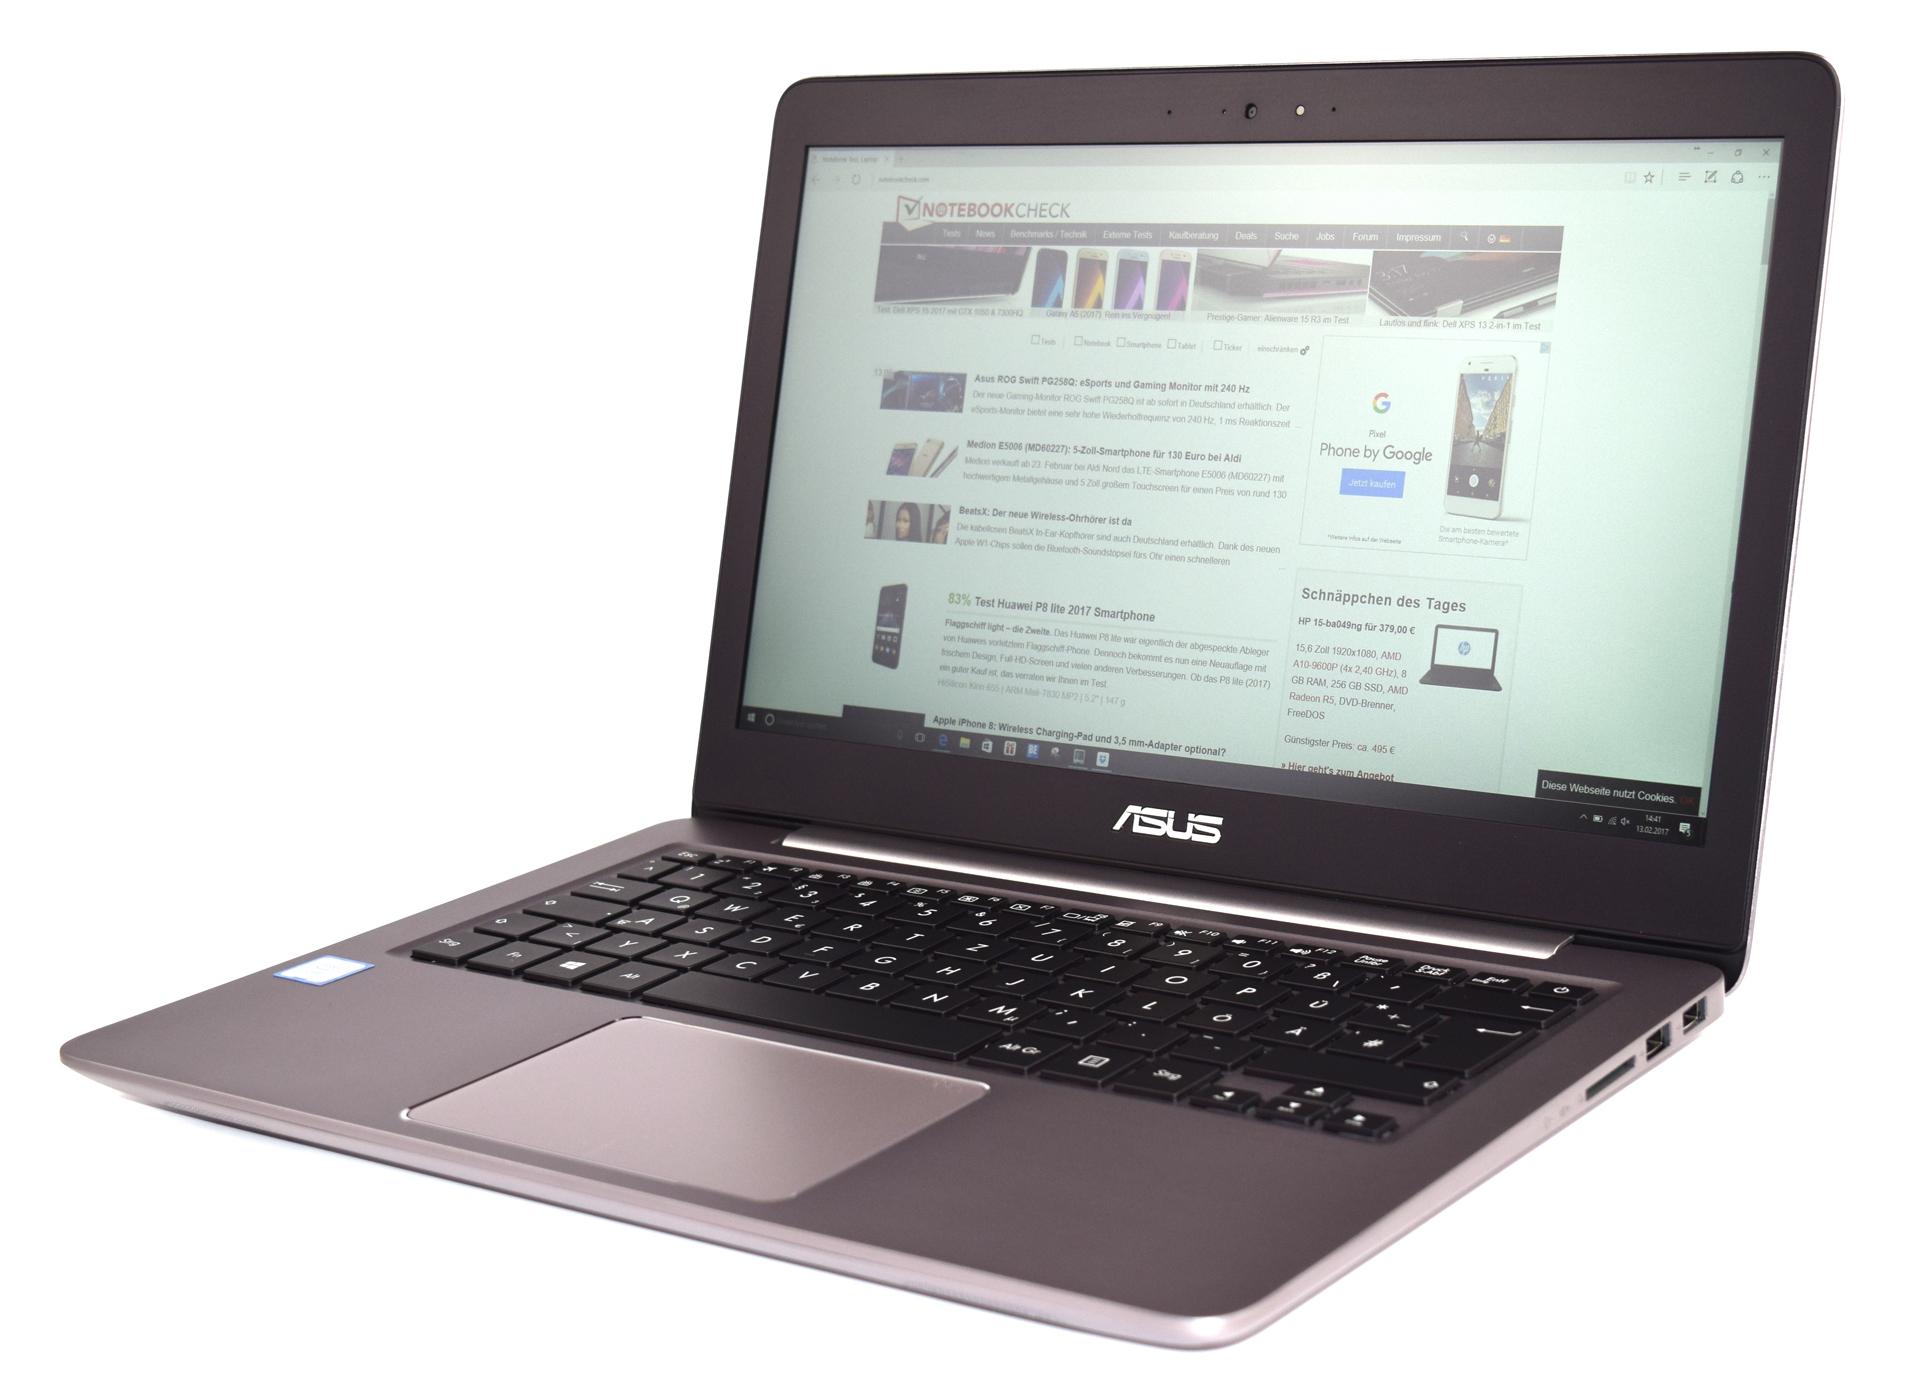 Обзор <b>ноутбука Asus ZenBook</b> UX310UA - Notebookcheck-ru.com